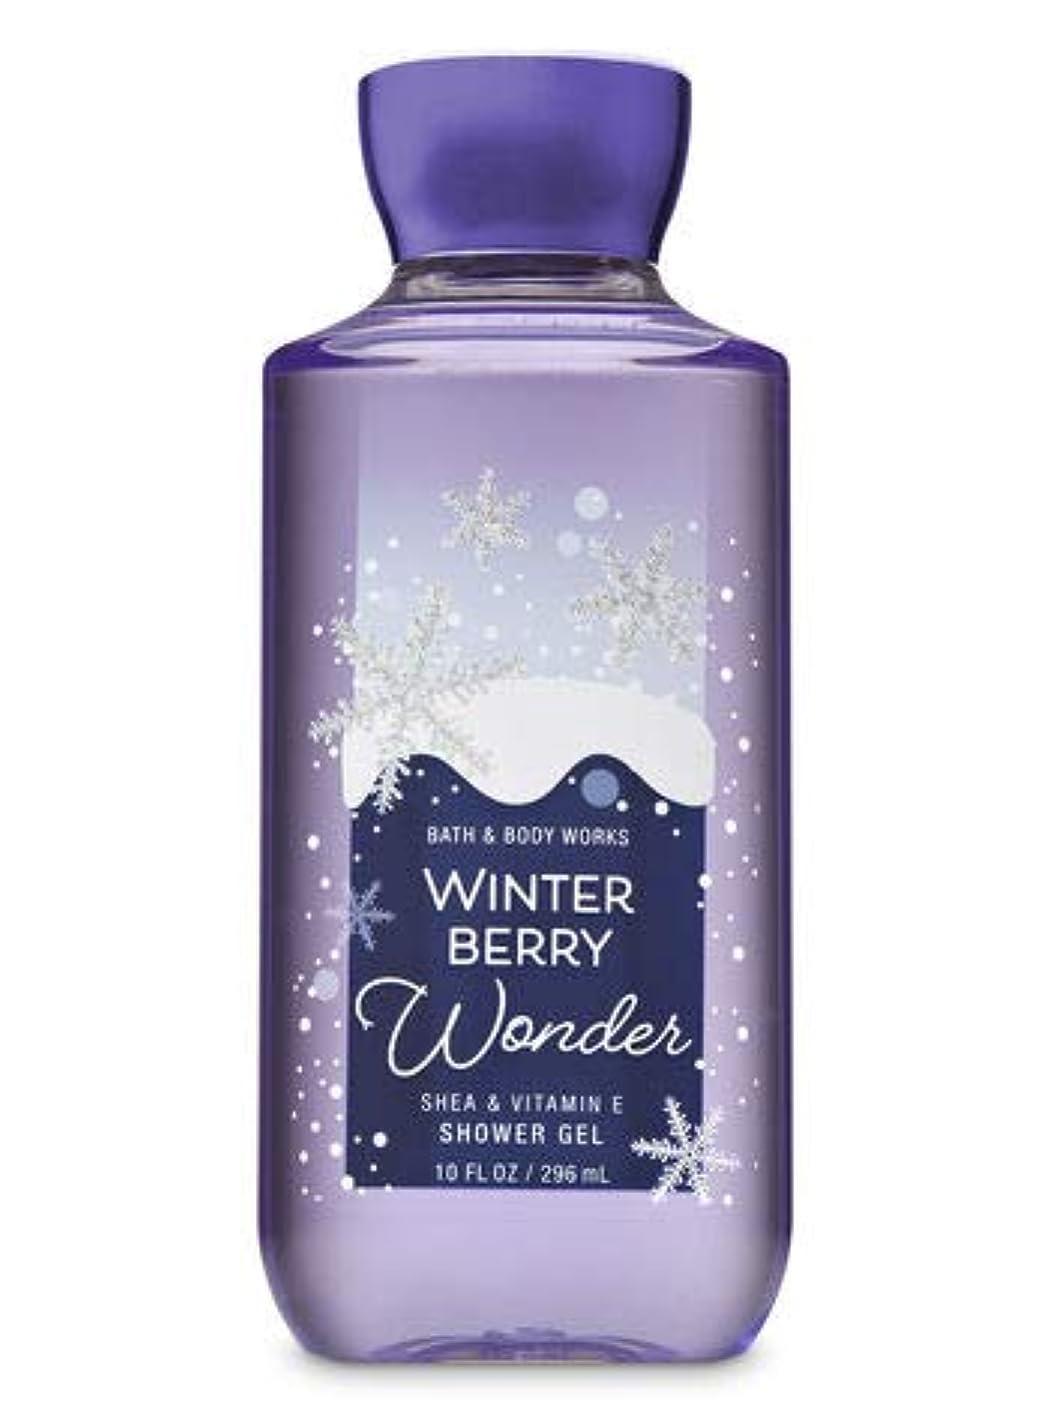 間違いなく大陸チャンピオン【Bath&Body Works/バス&ボディワークス】 シャワージェル ウィンターベリーワンダー Shower Gel Winterberry Wonder 10 fl oz / 295 mL [並行輸入品]